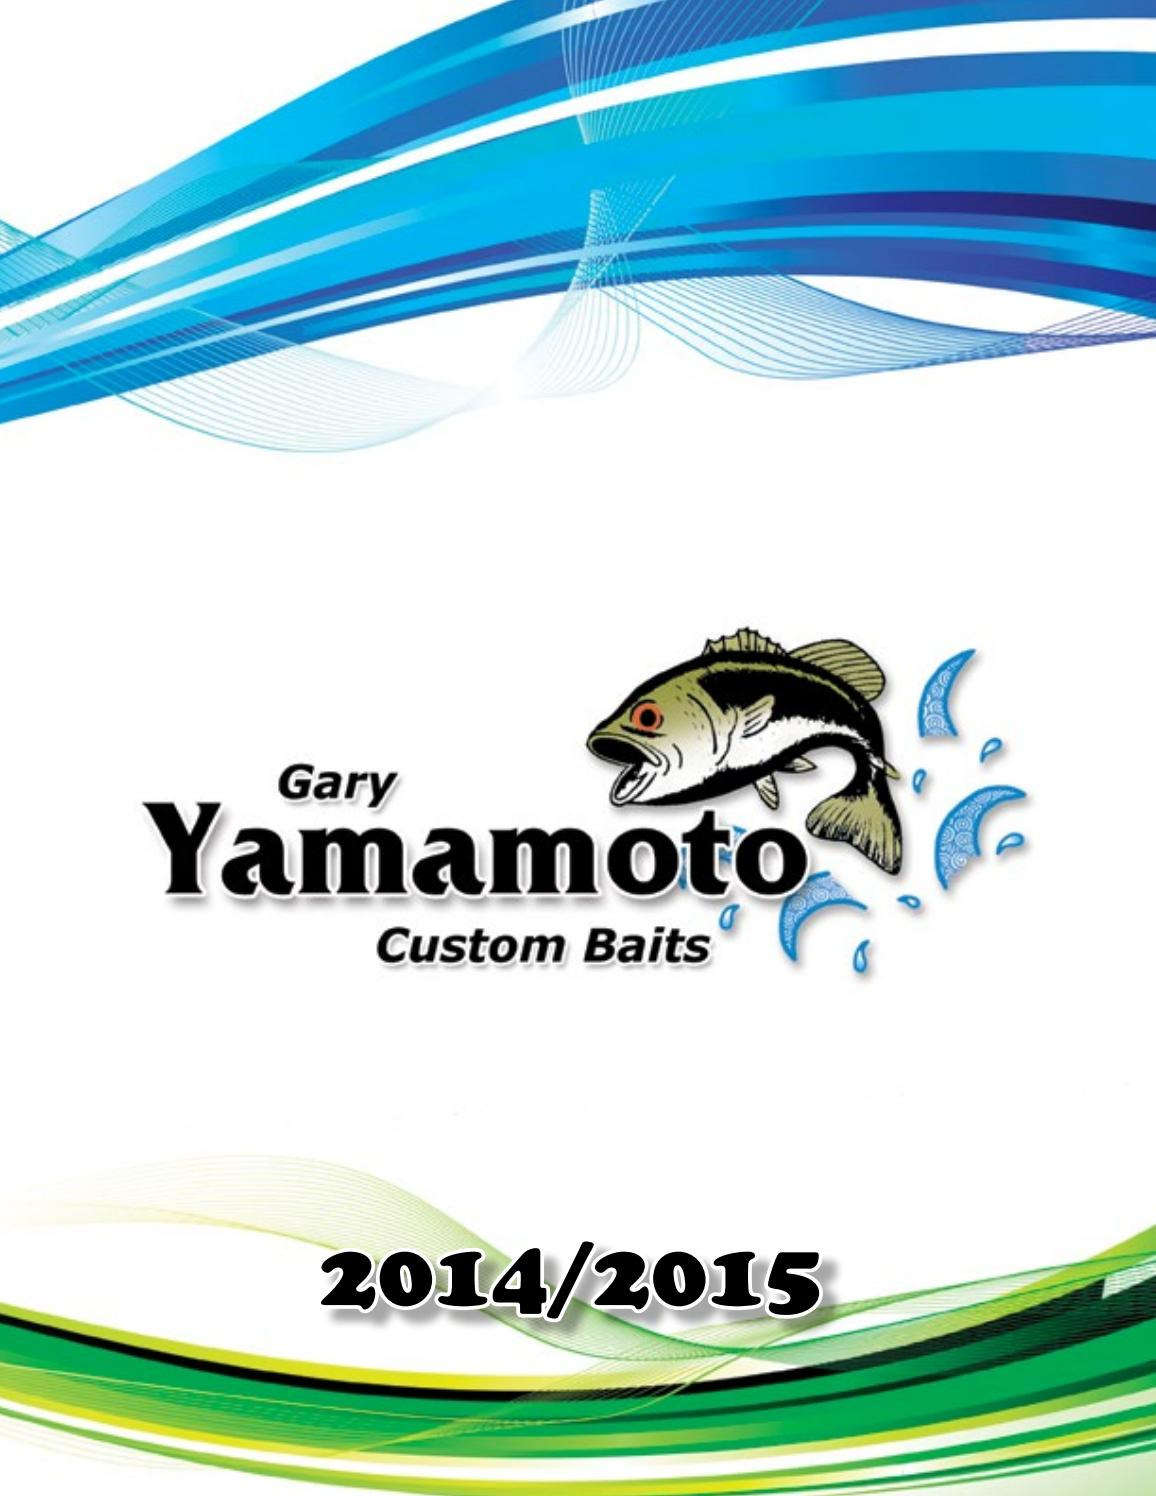 GARY YAMAMOTO 3 INCH SENKO YAMASENKO 9B-10-020 BLACK STICK BAIT LURE